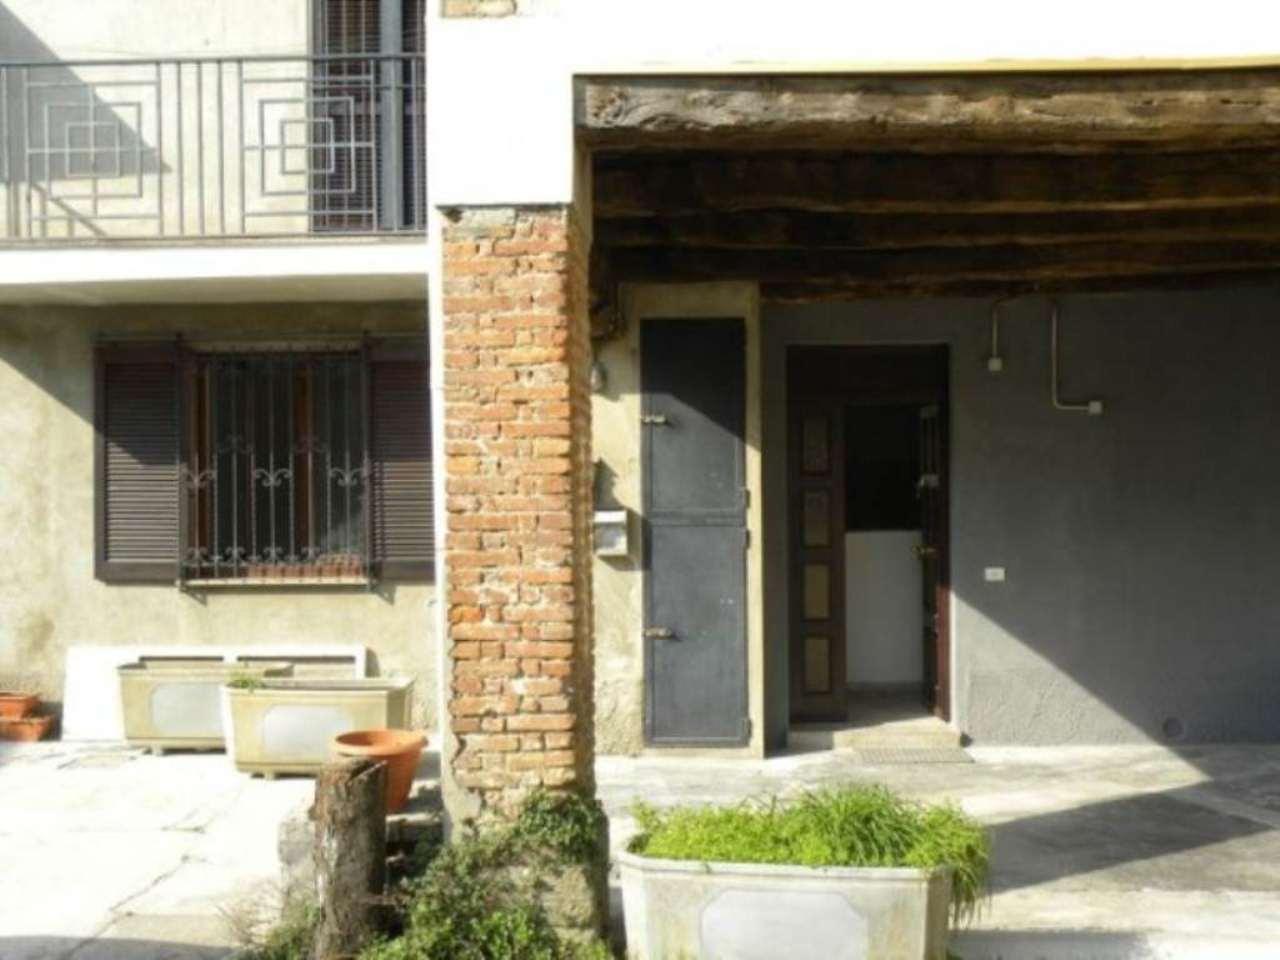 Soluzione Indipendente in vendita a Desio, 2 locali, prezzo € 80.000 | Cambio Casa.it